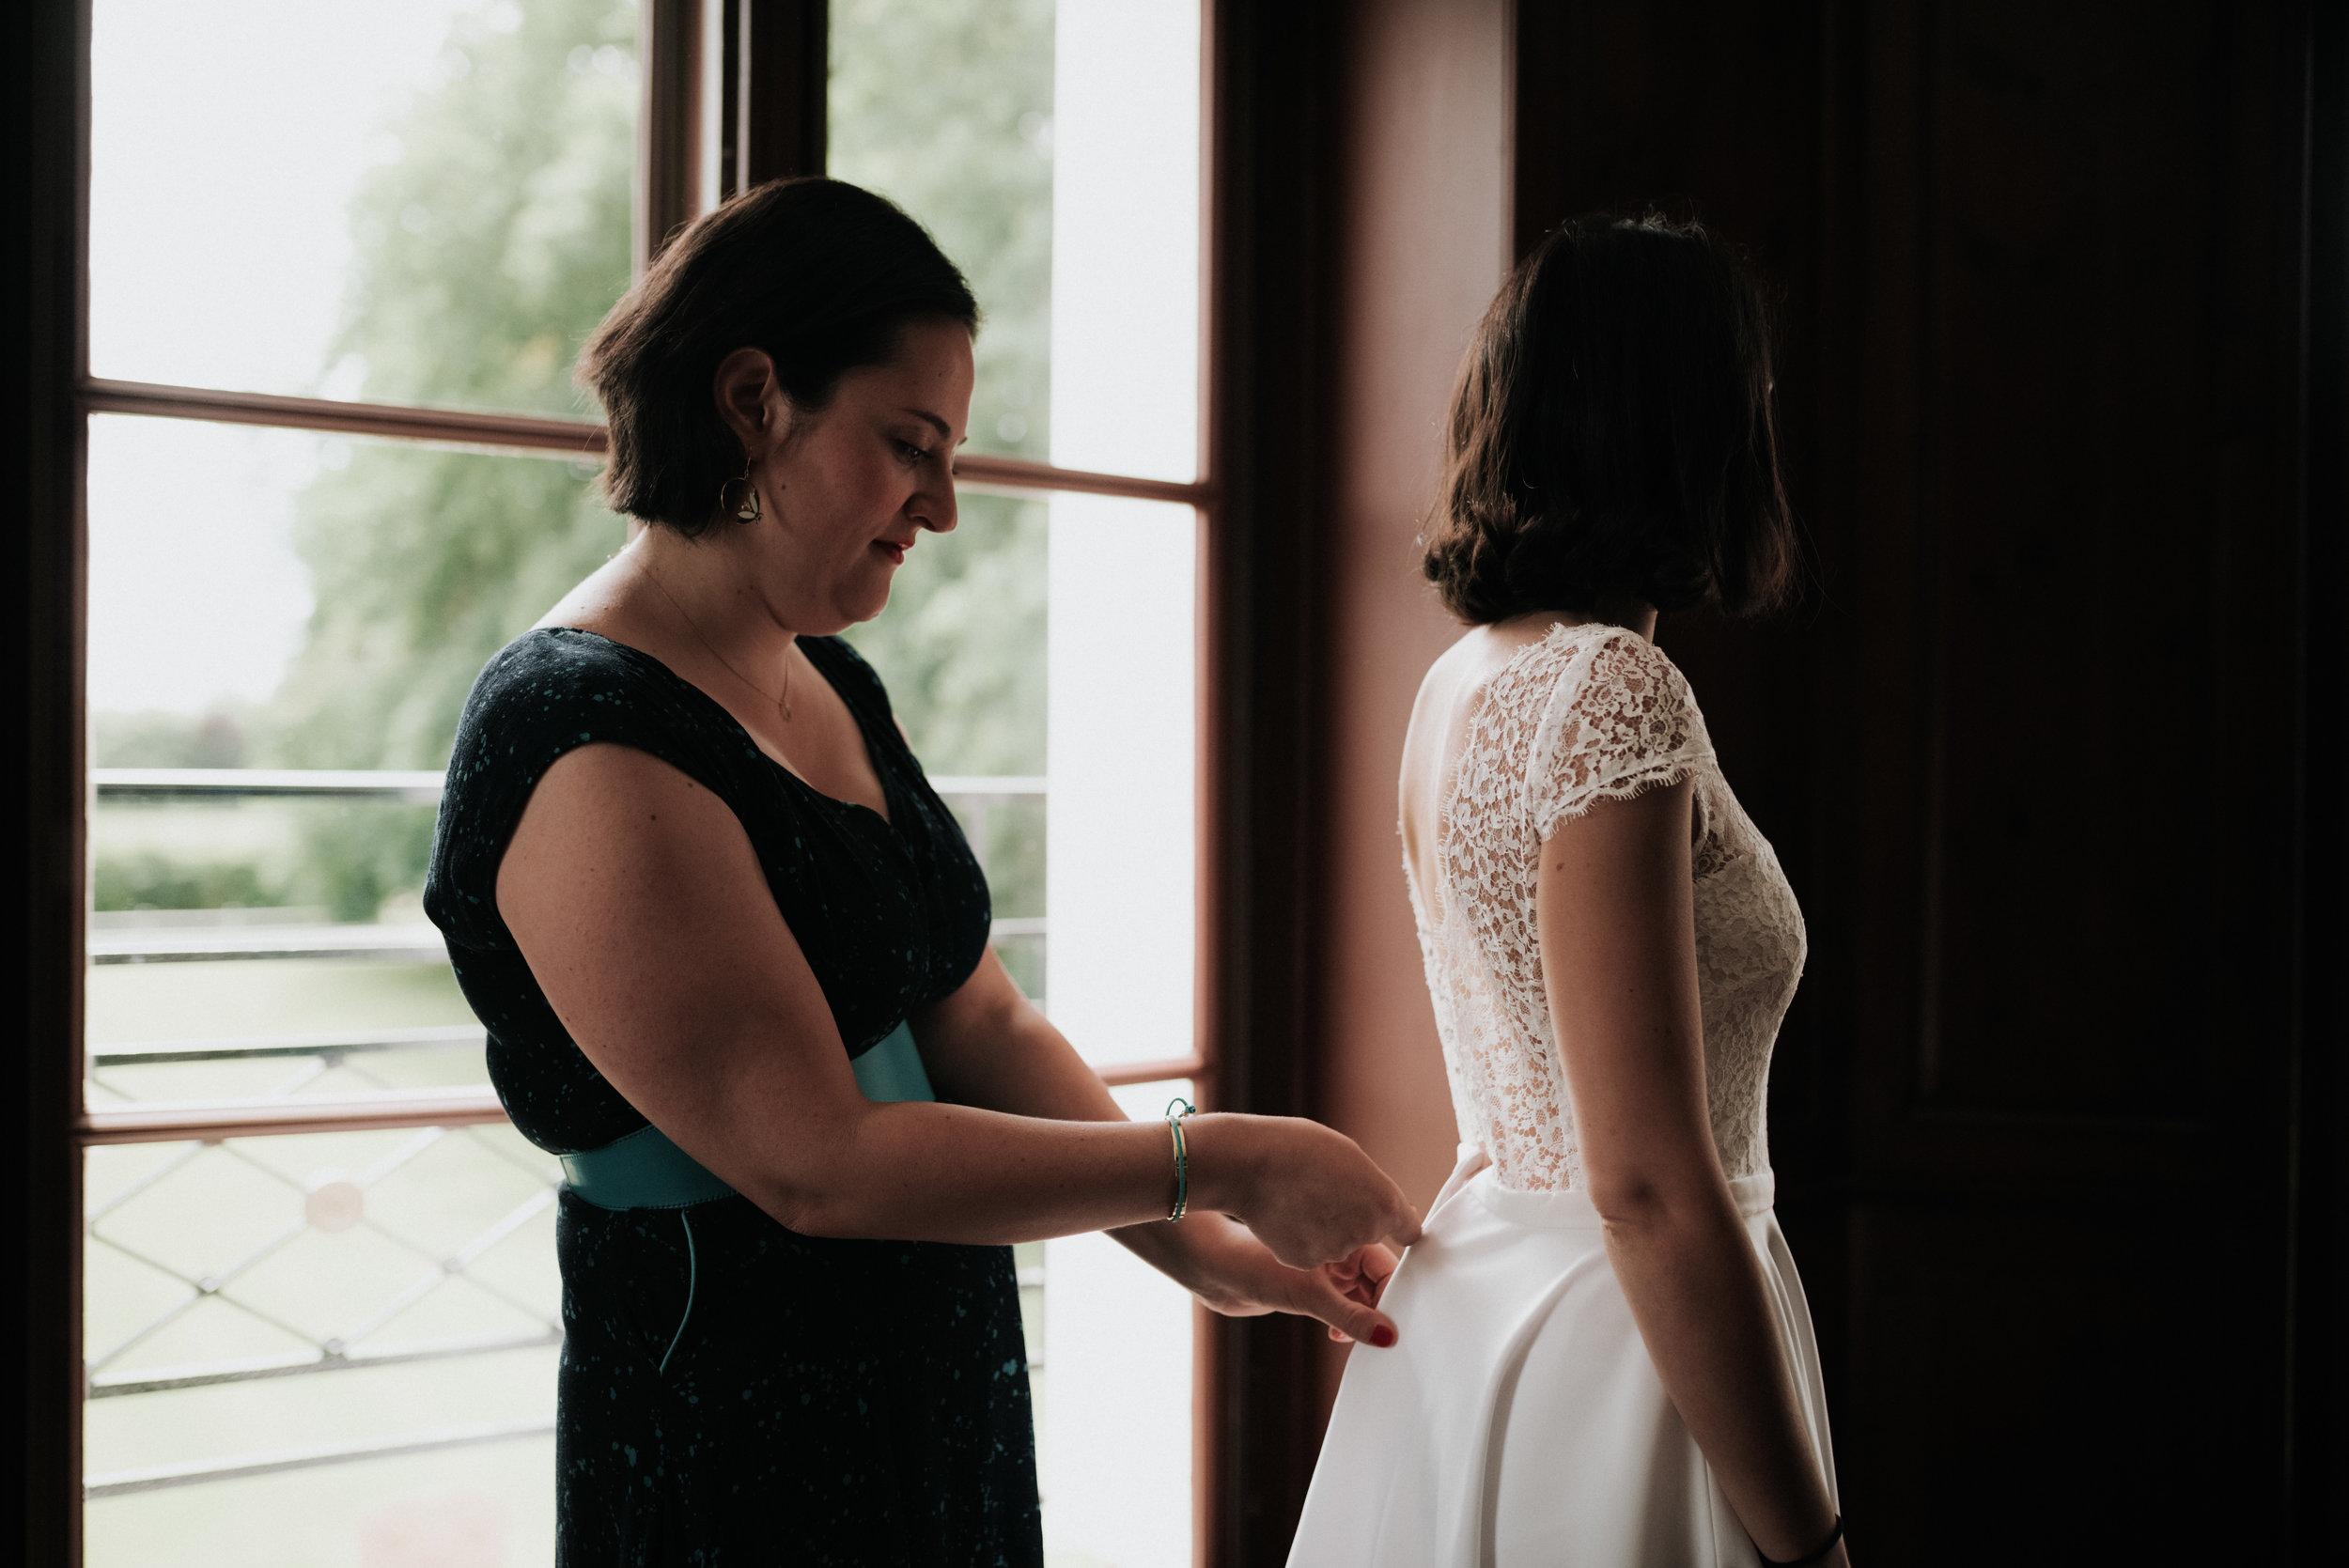 Léa-Fery-photographe-professionnel-lyon-rhone-alpes-portrait-creation-mariage-evenement-evenementiel-famille-2-73.jpg